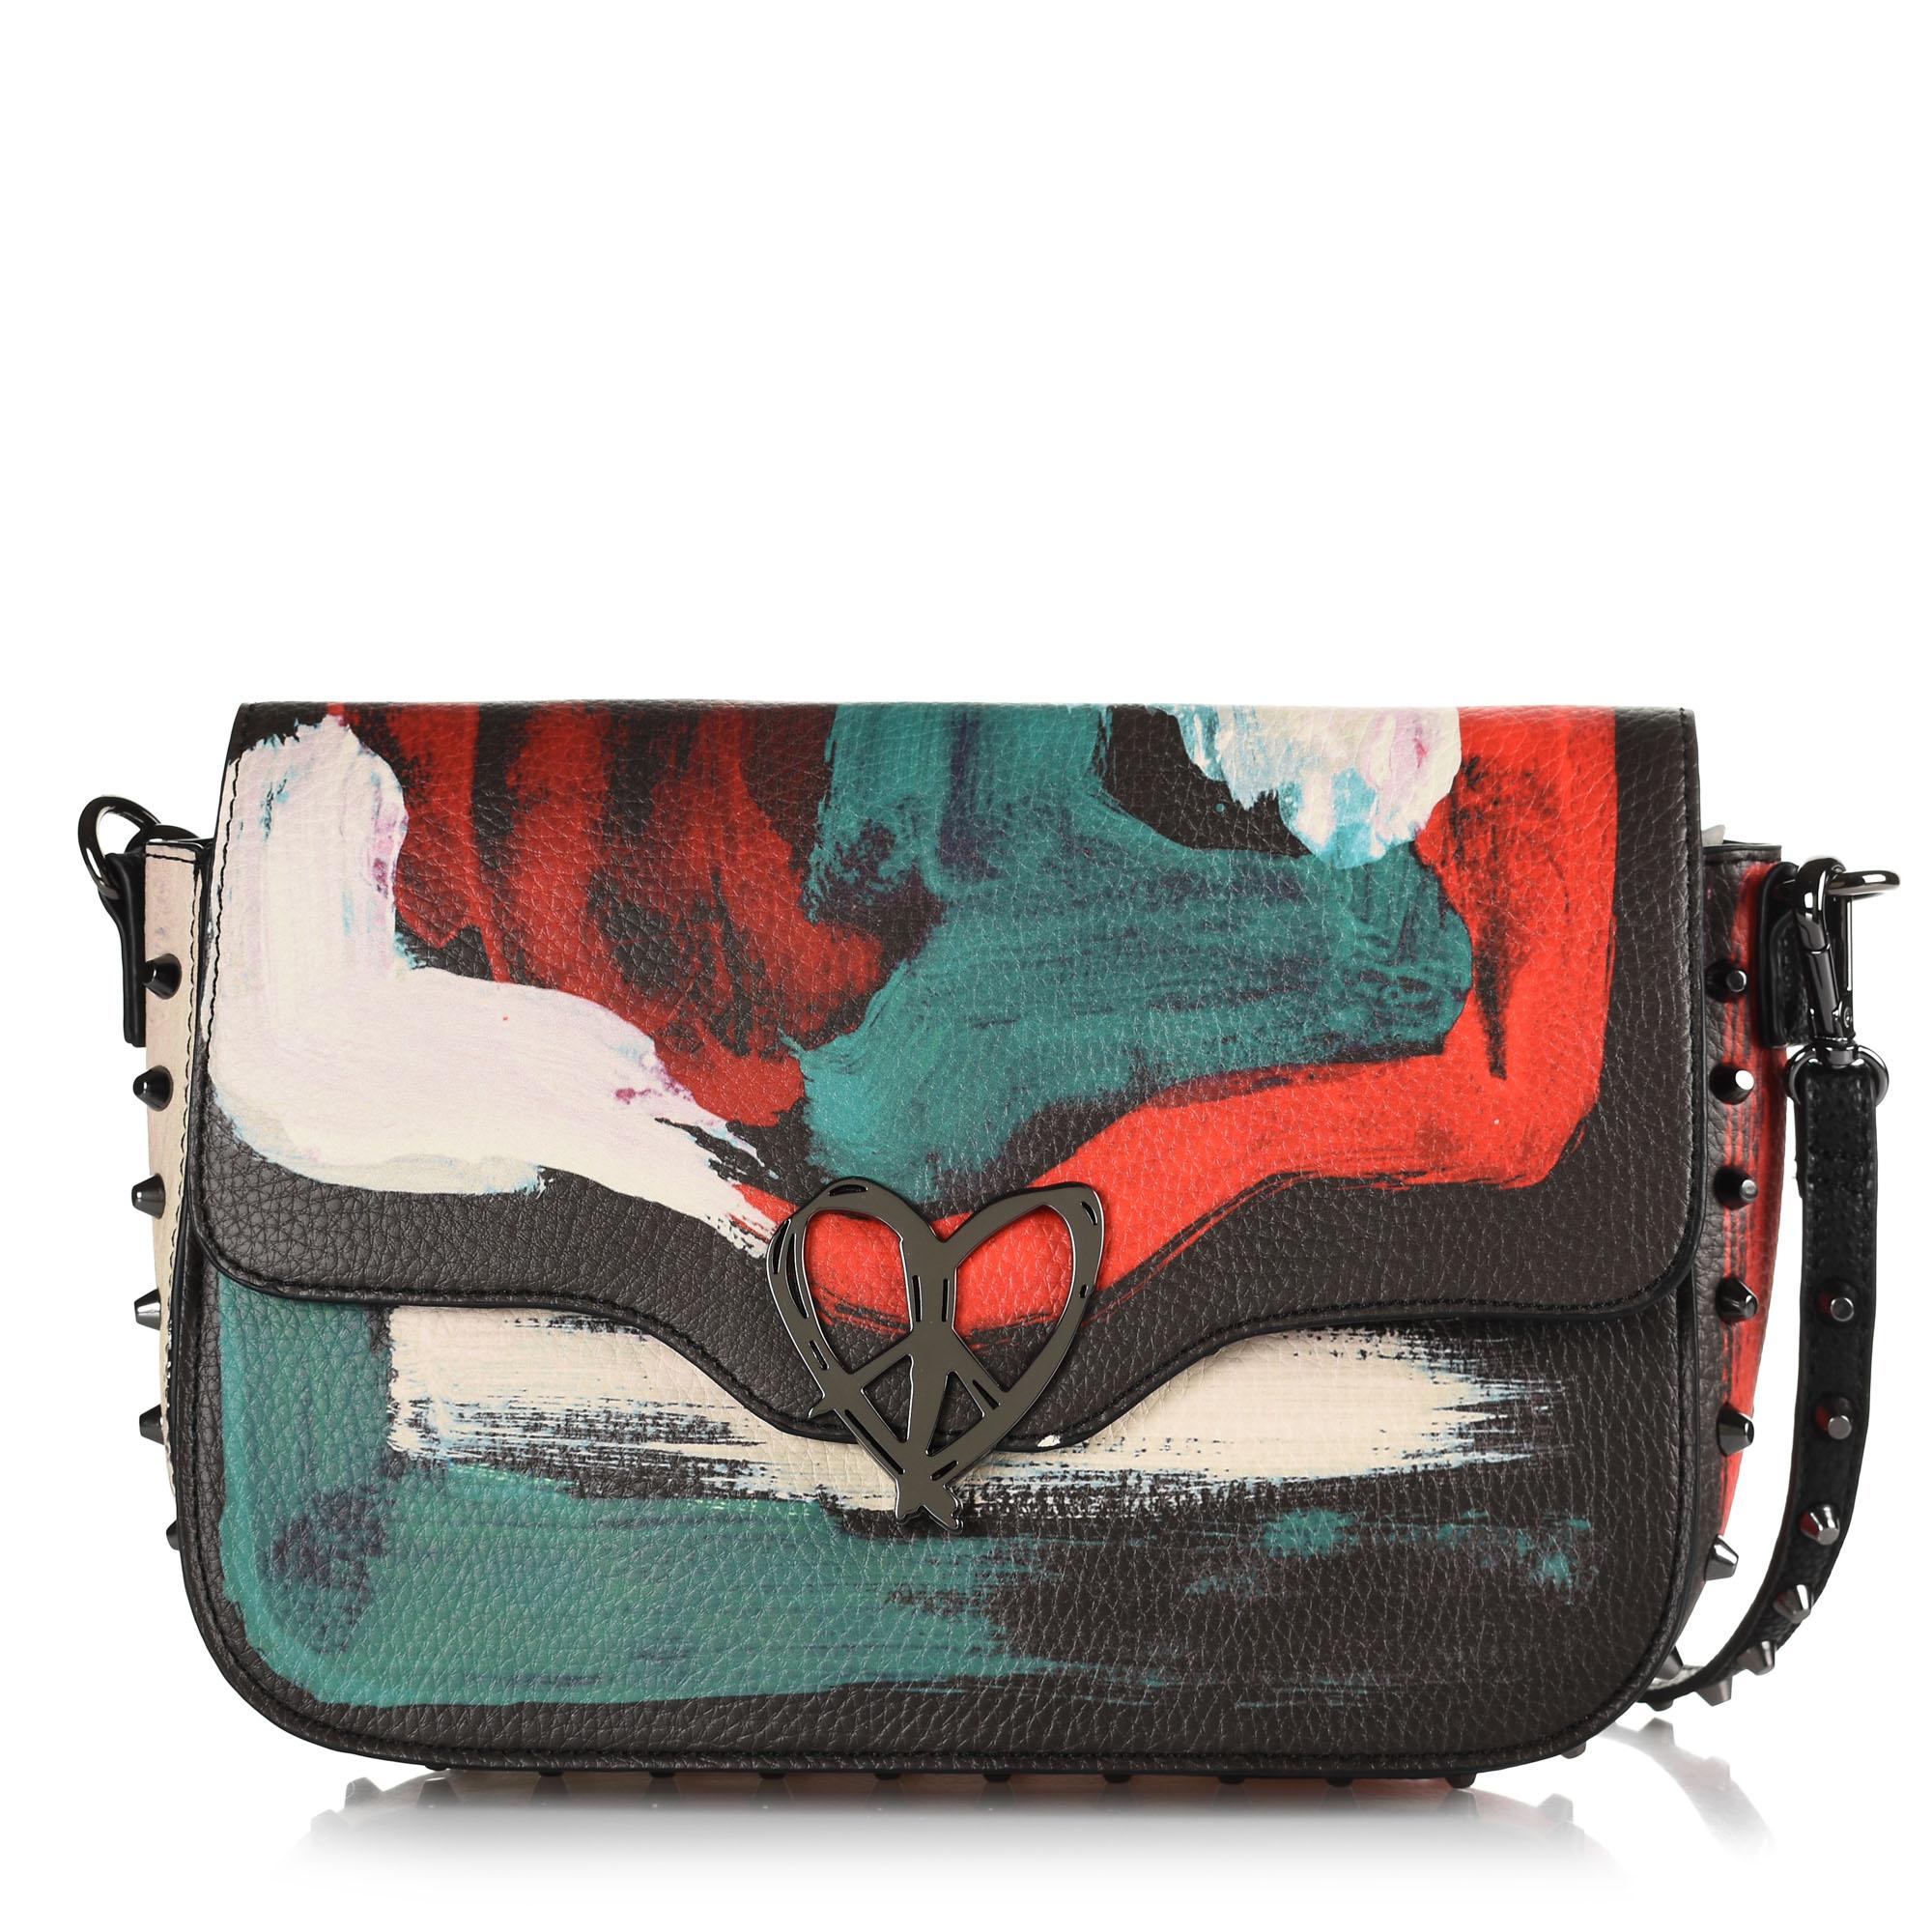 Τσάντα Ώμου – Χιαστί Desigual Bols_Love Kaos Amorgos 19WAXP43